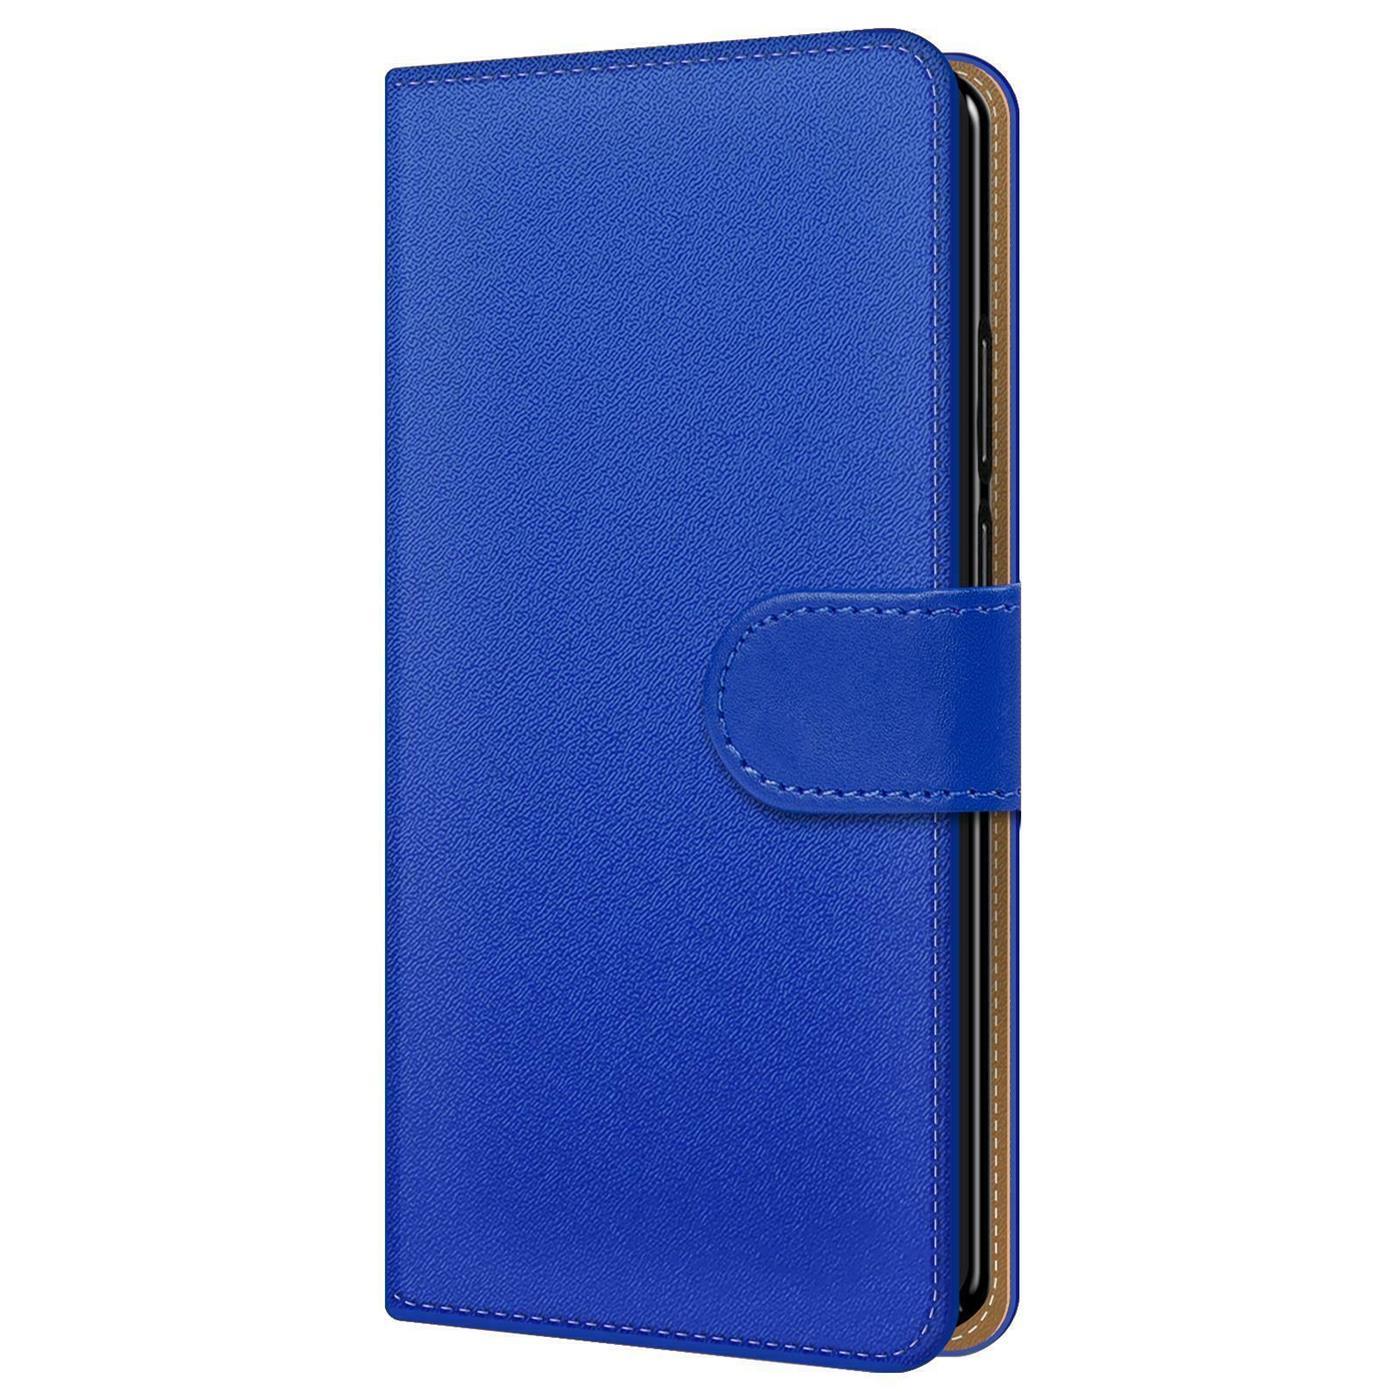 Samsung-Galaxy-J4-Plus-Handy-Klapp-Tasche-Schutz-Huelle-Book-Flip-Cover-Case-Etui Indexbild 14